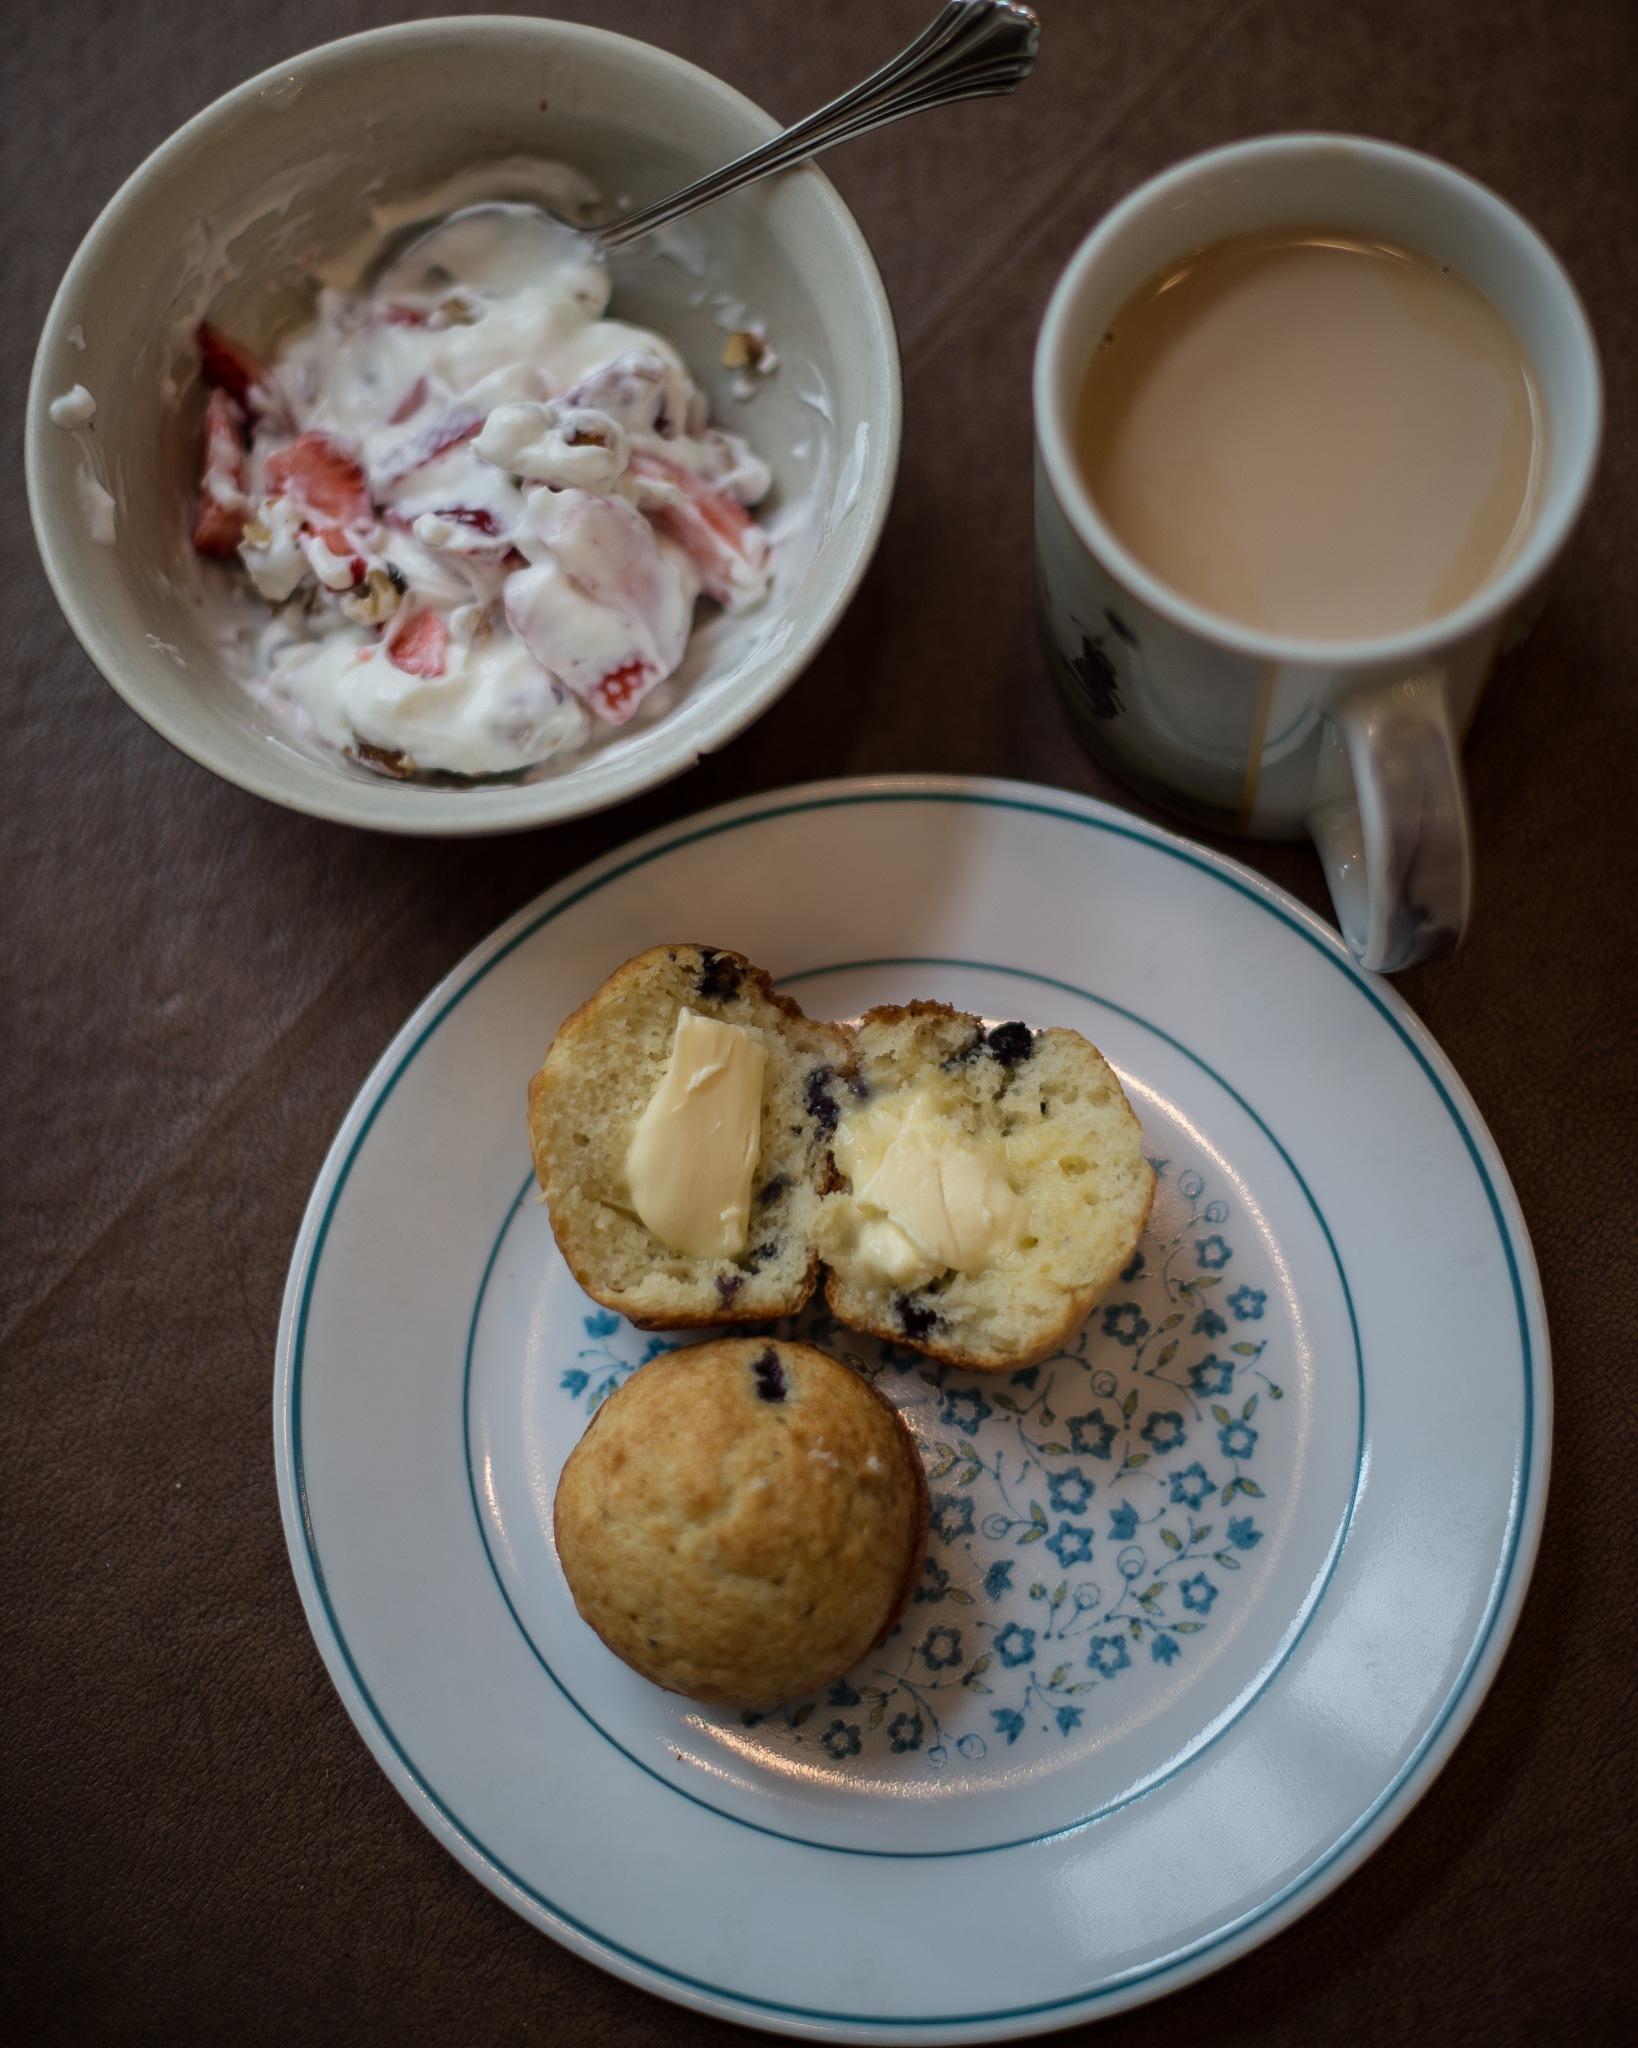 breakfast by mbmiller2